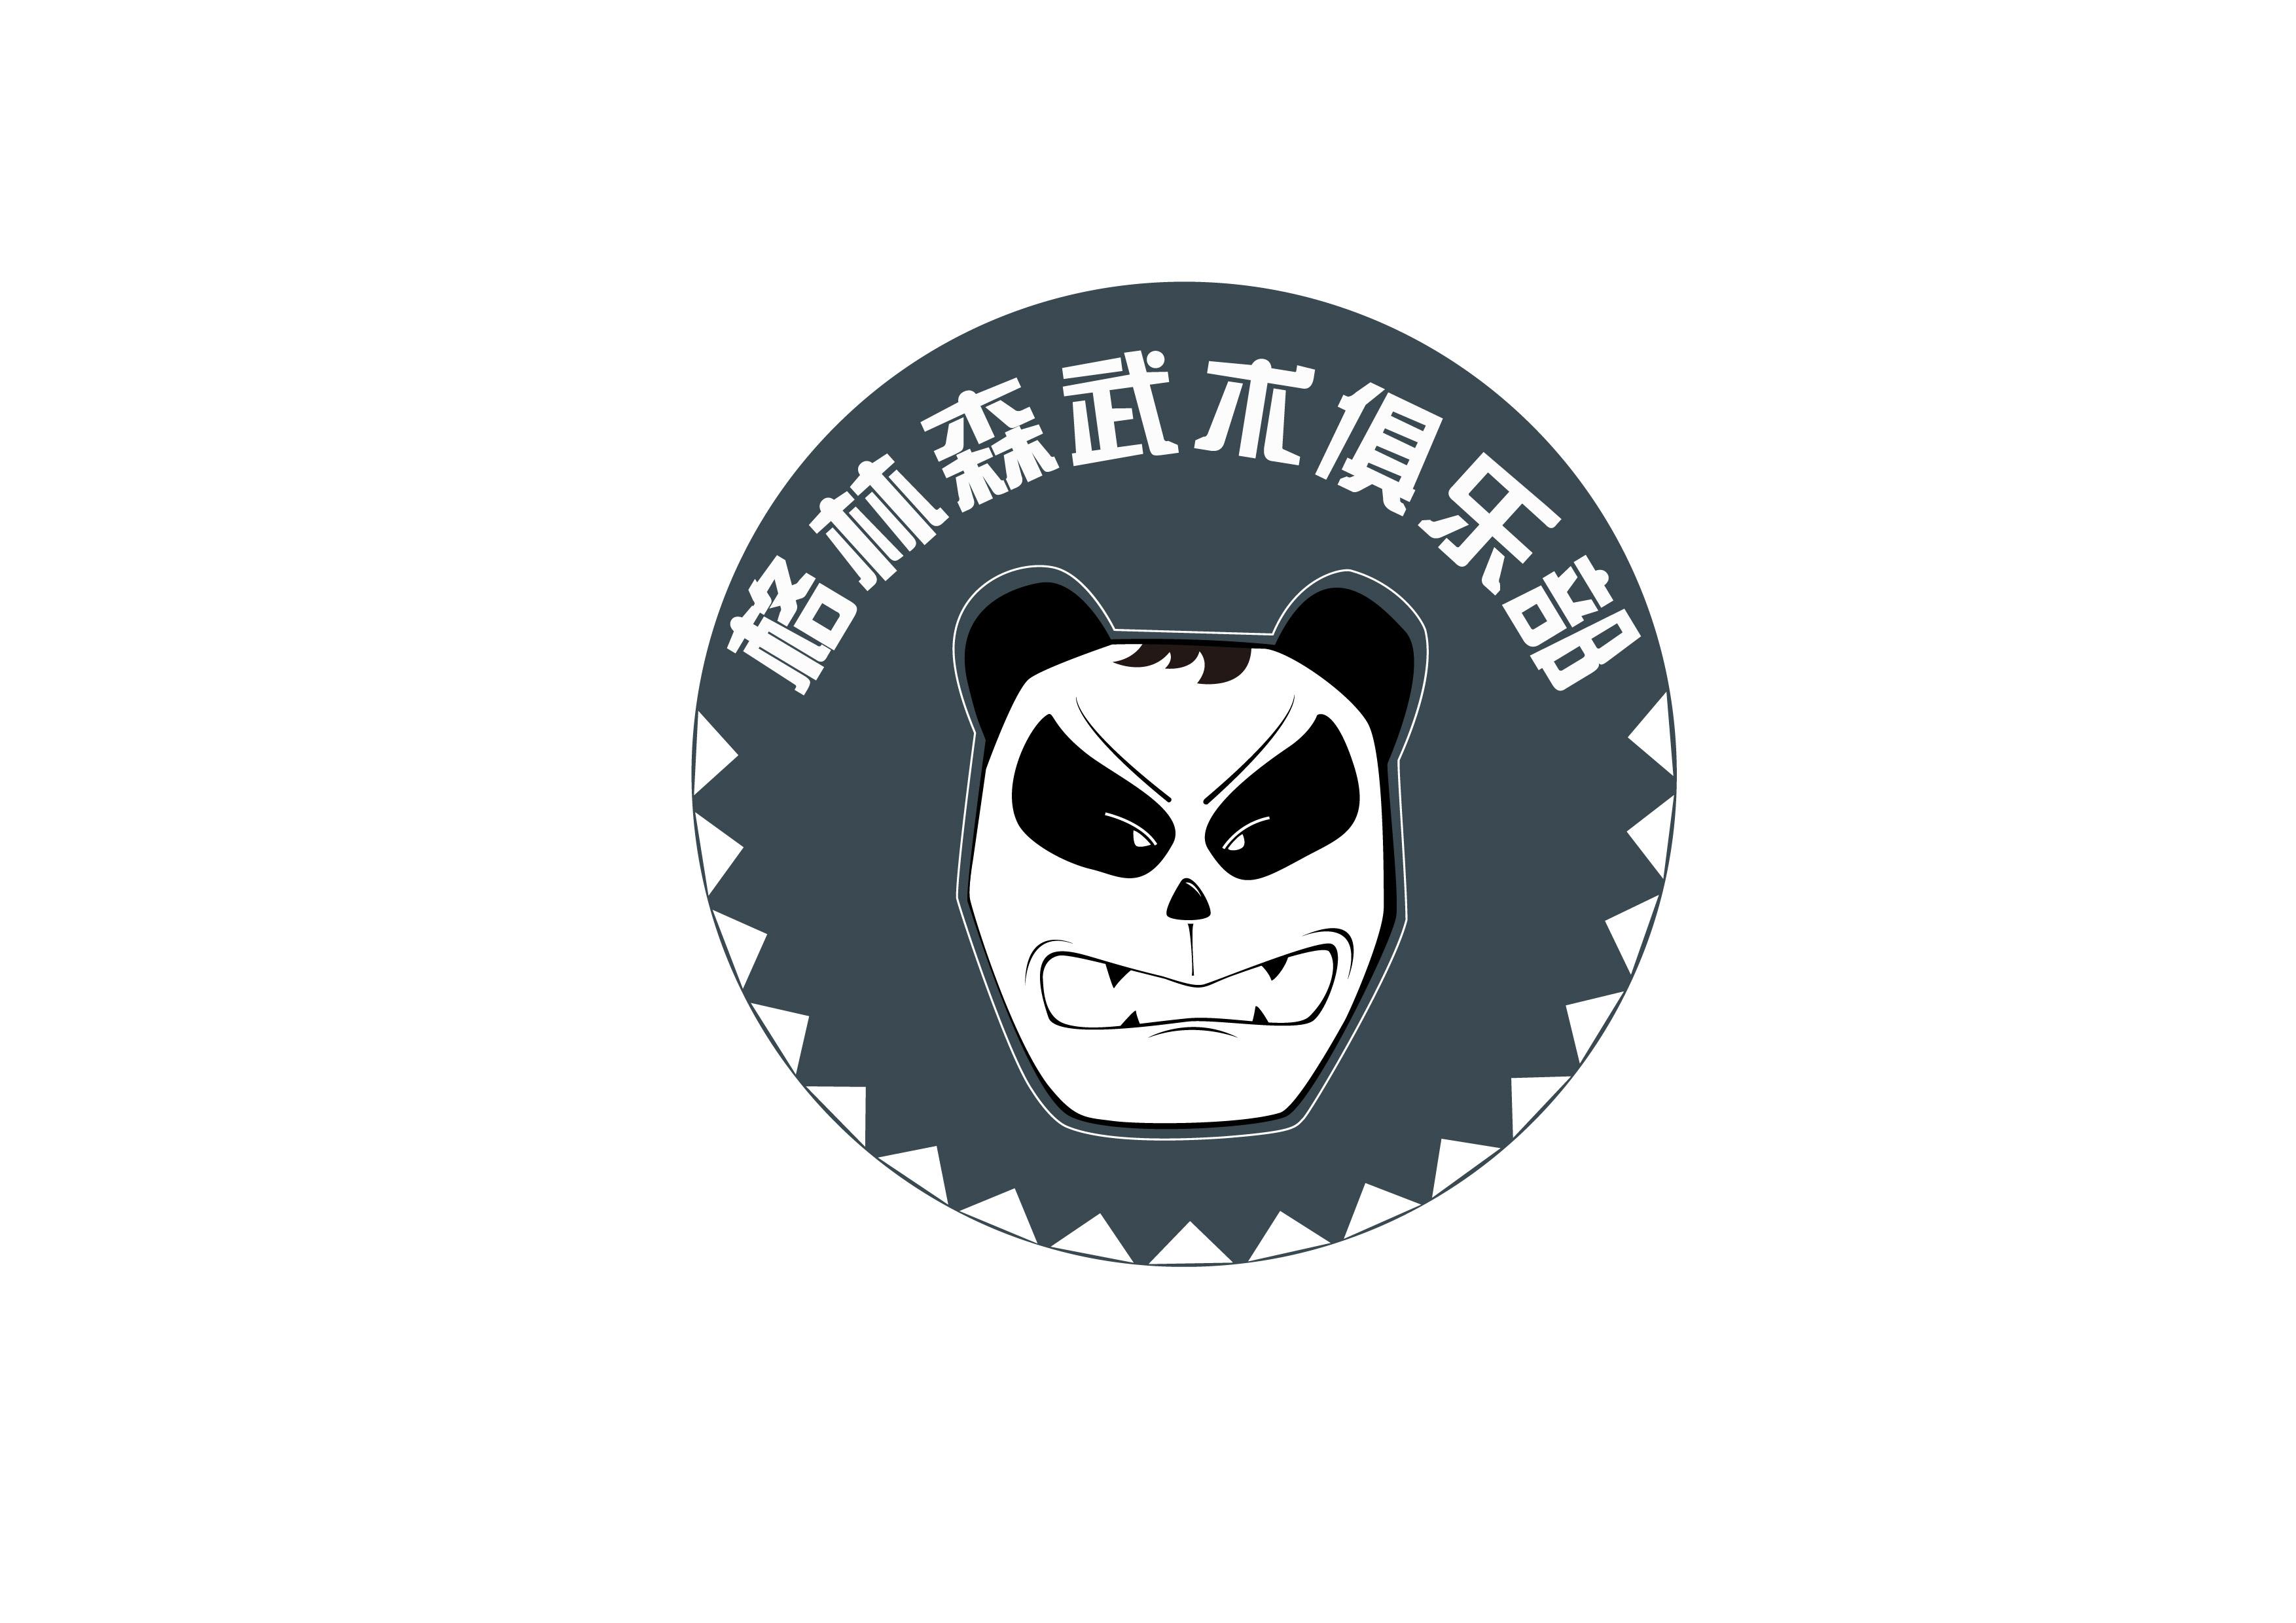 格林森武术俱乐部logo 设计图片